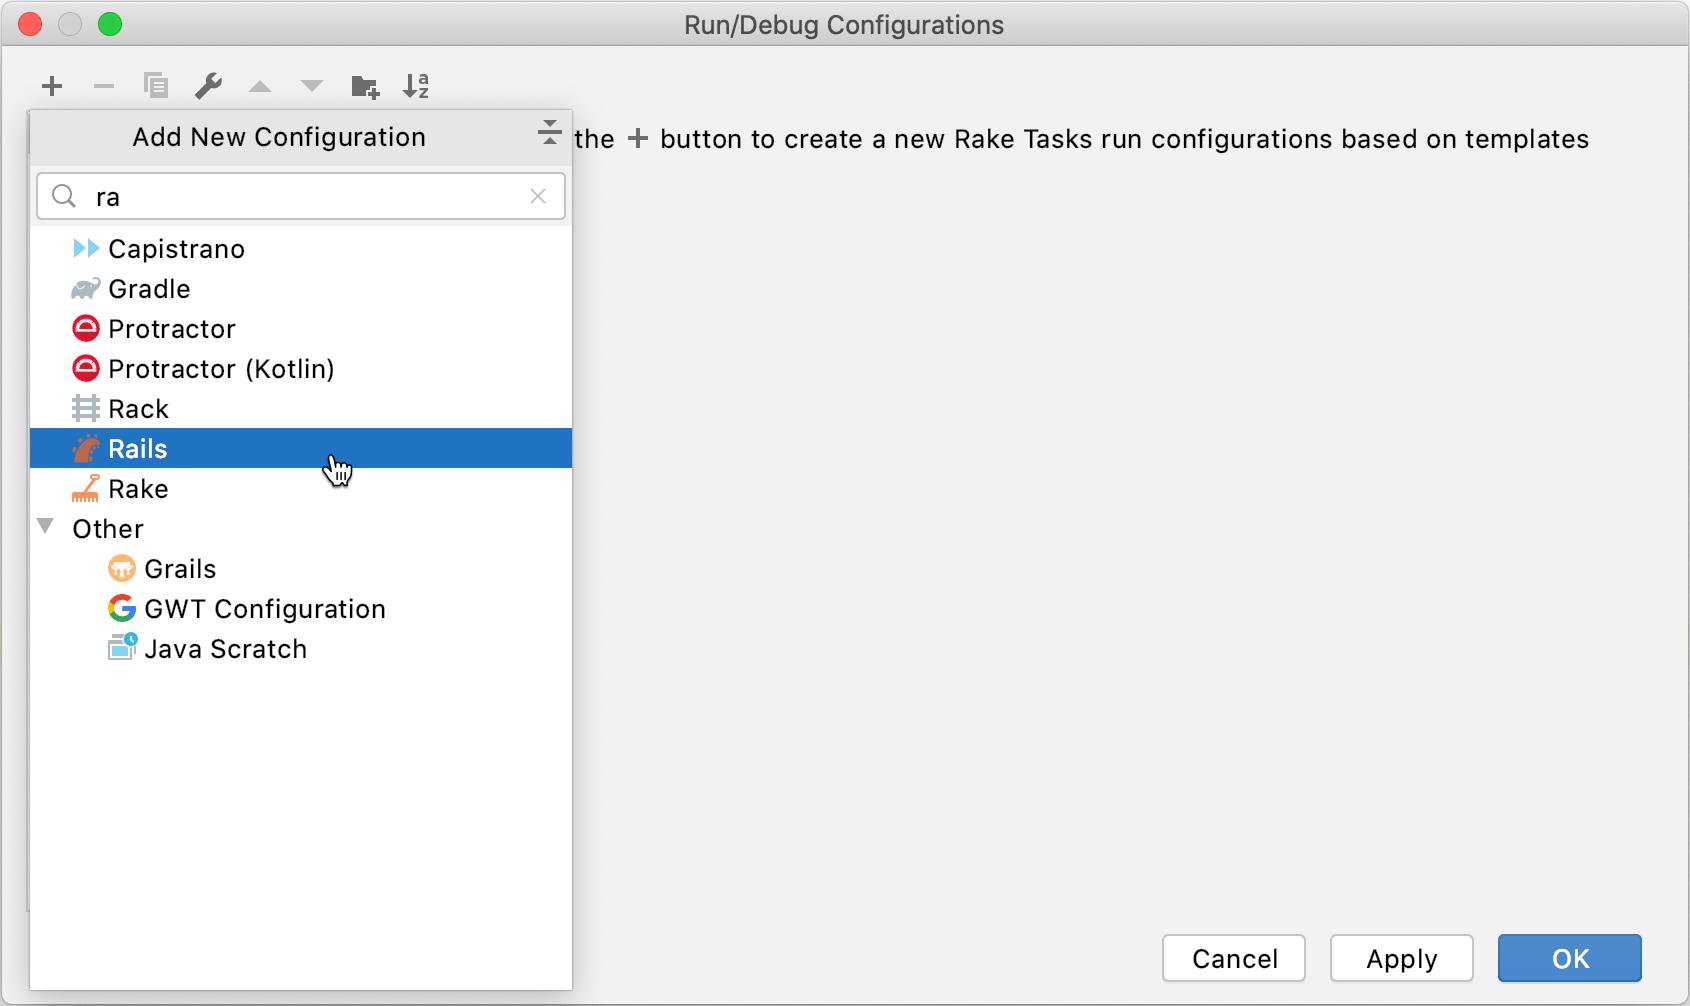 Run/Debug Configurations dialog